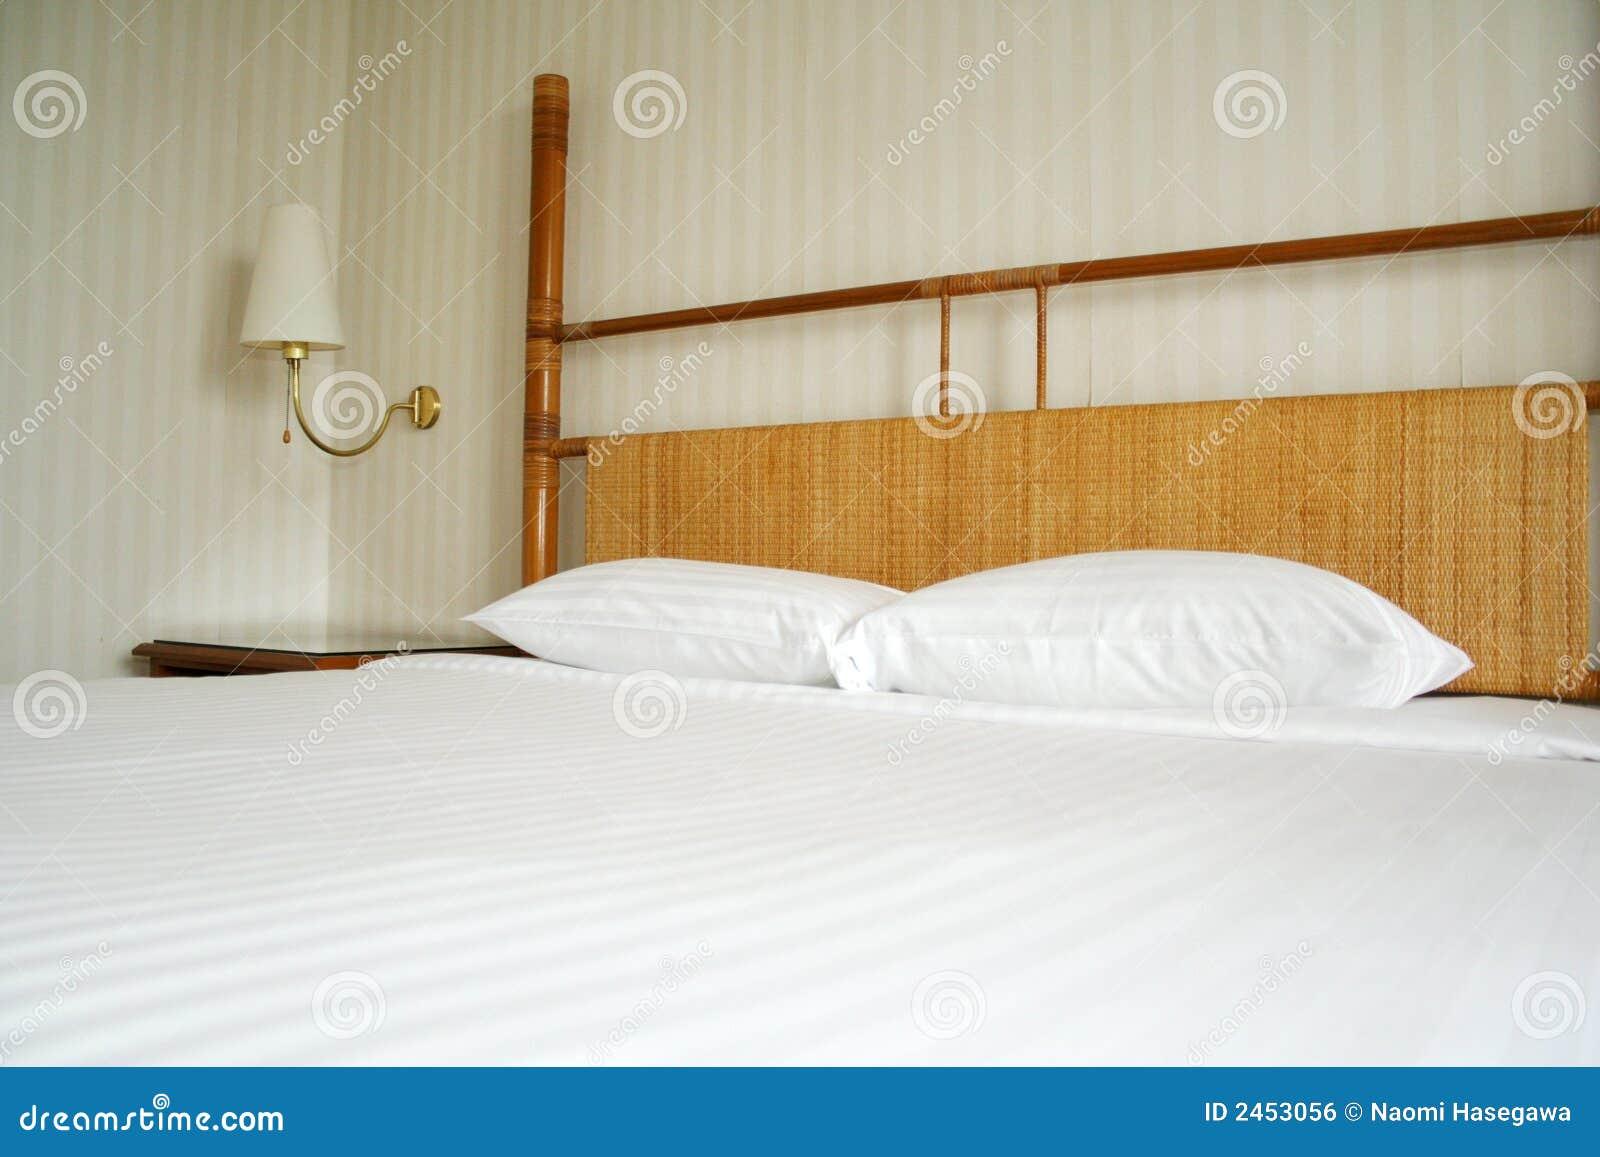 De Slaapkamer van het hotel